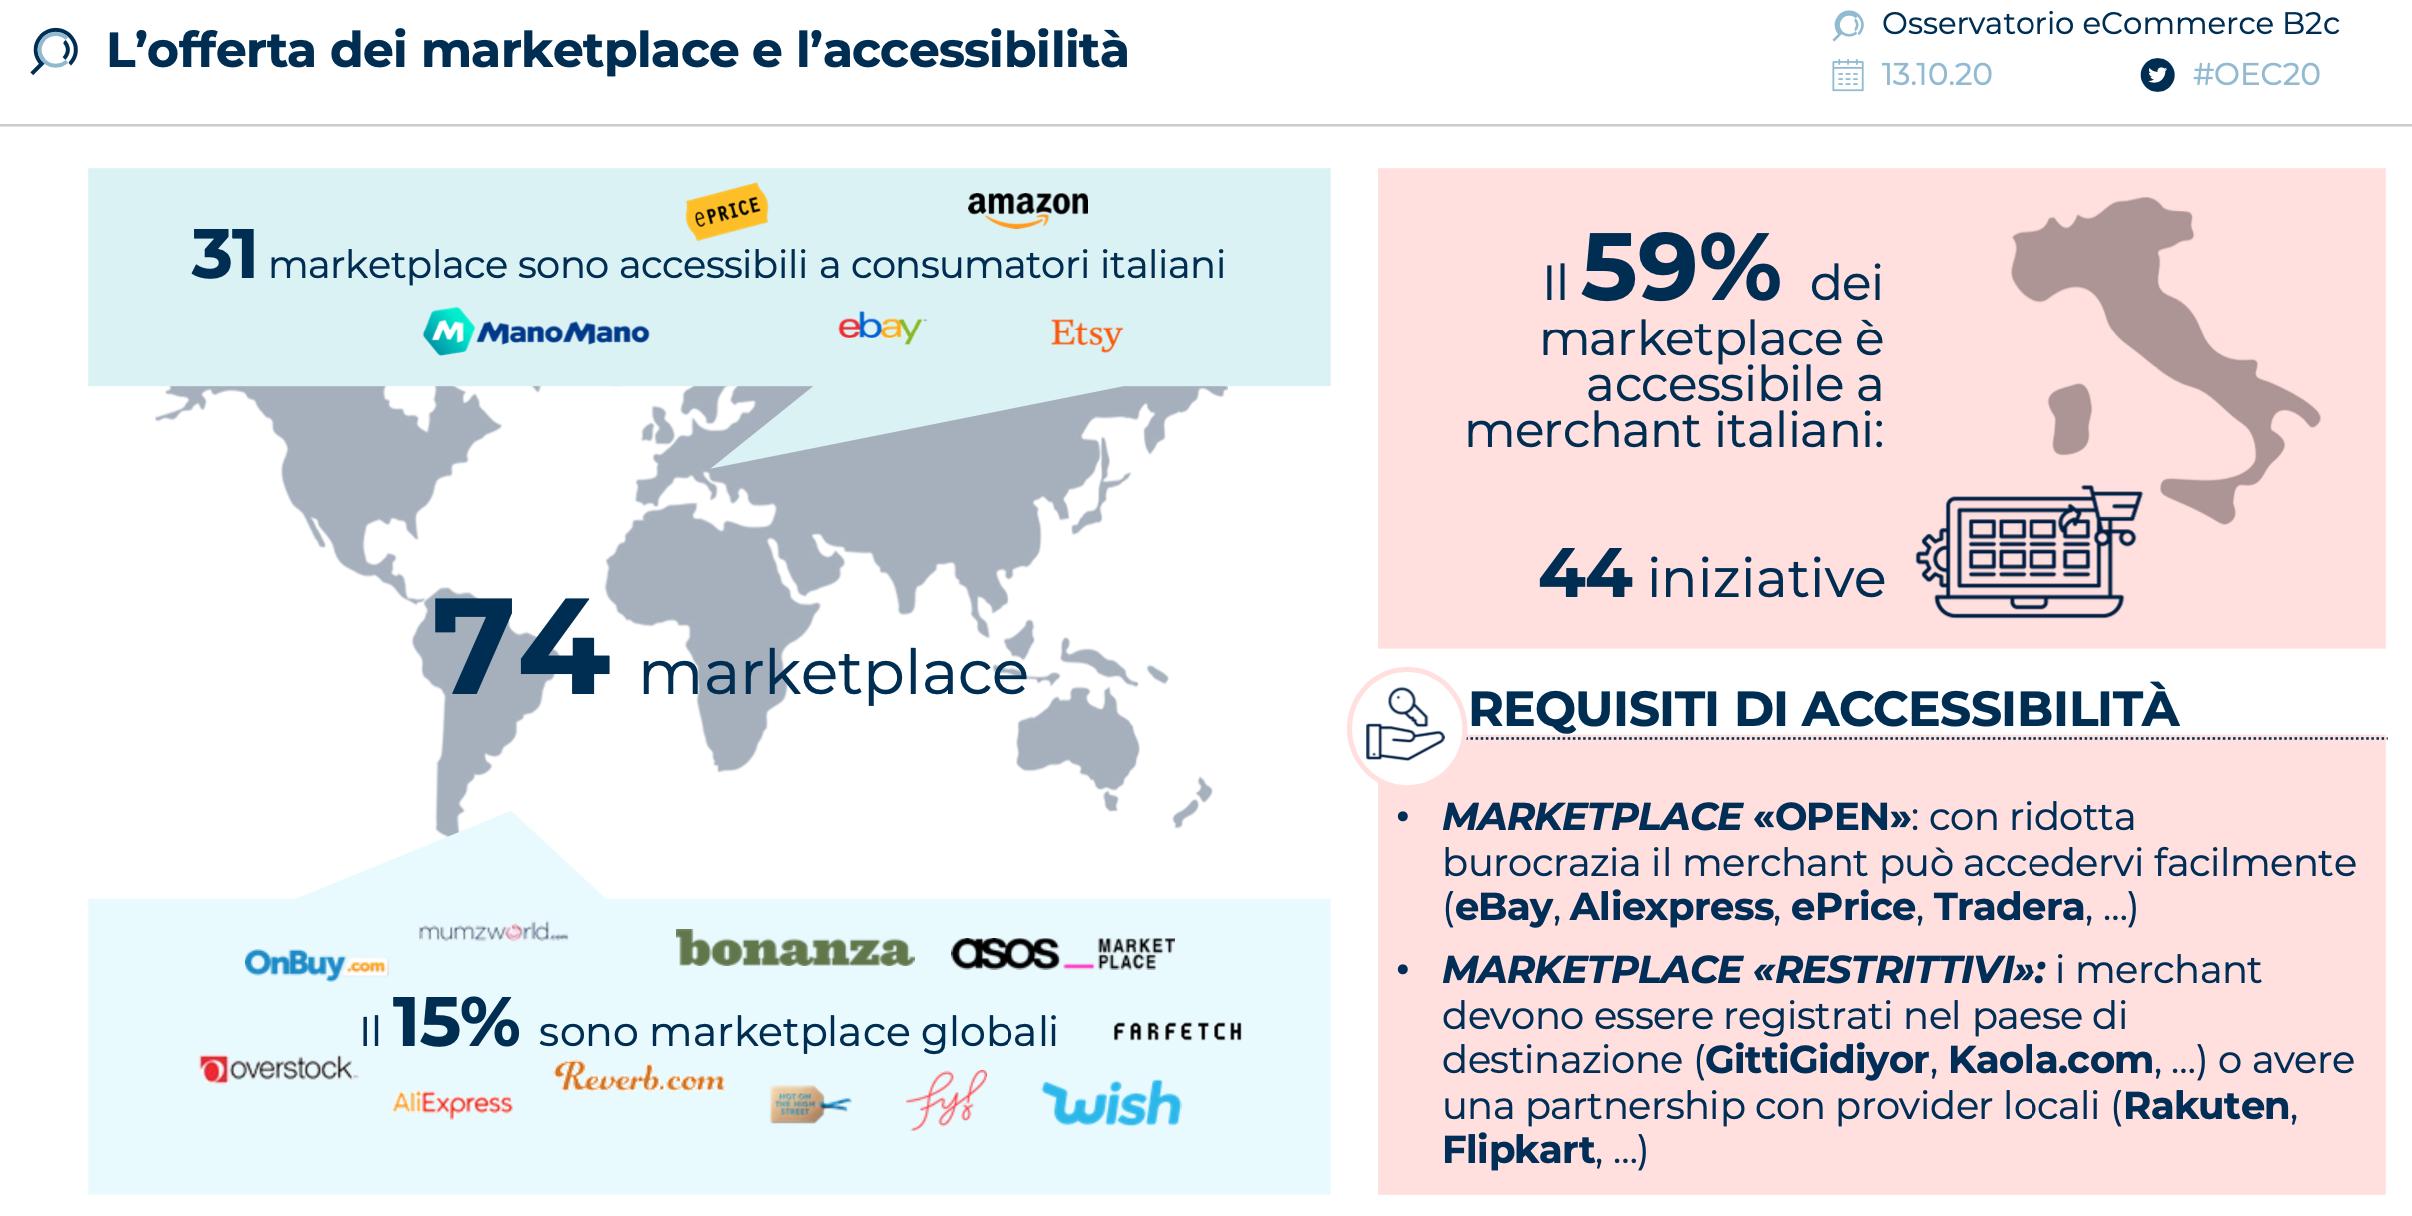 offerta-marketplace-e-accessibilita-2020